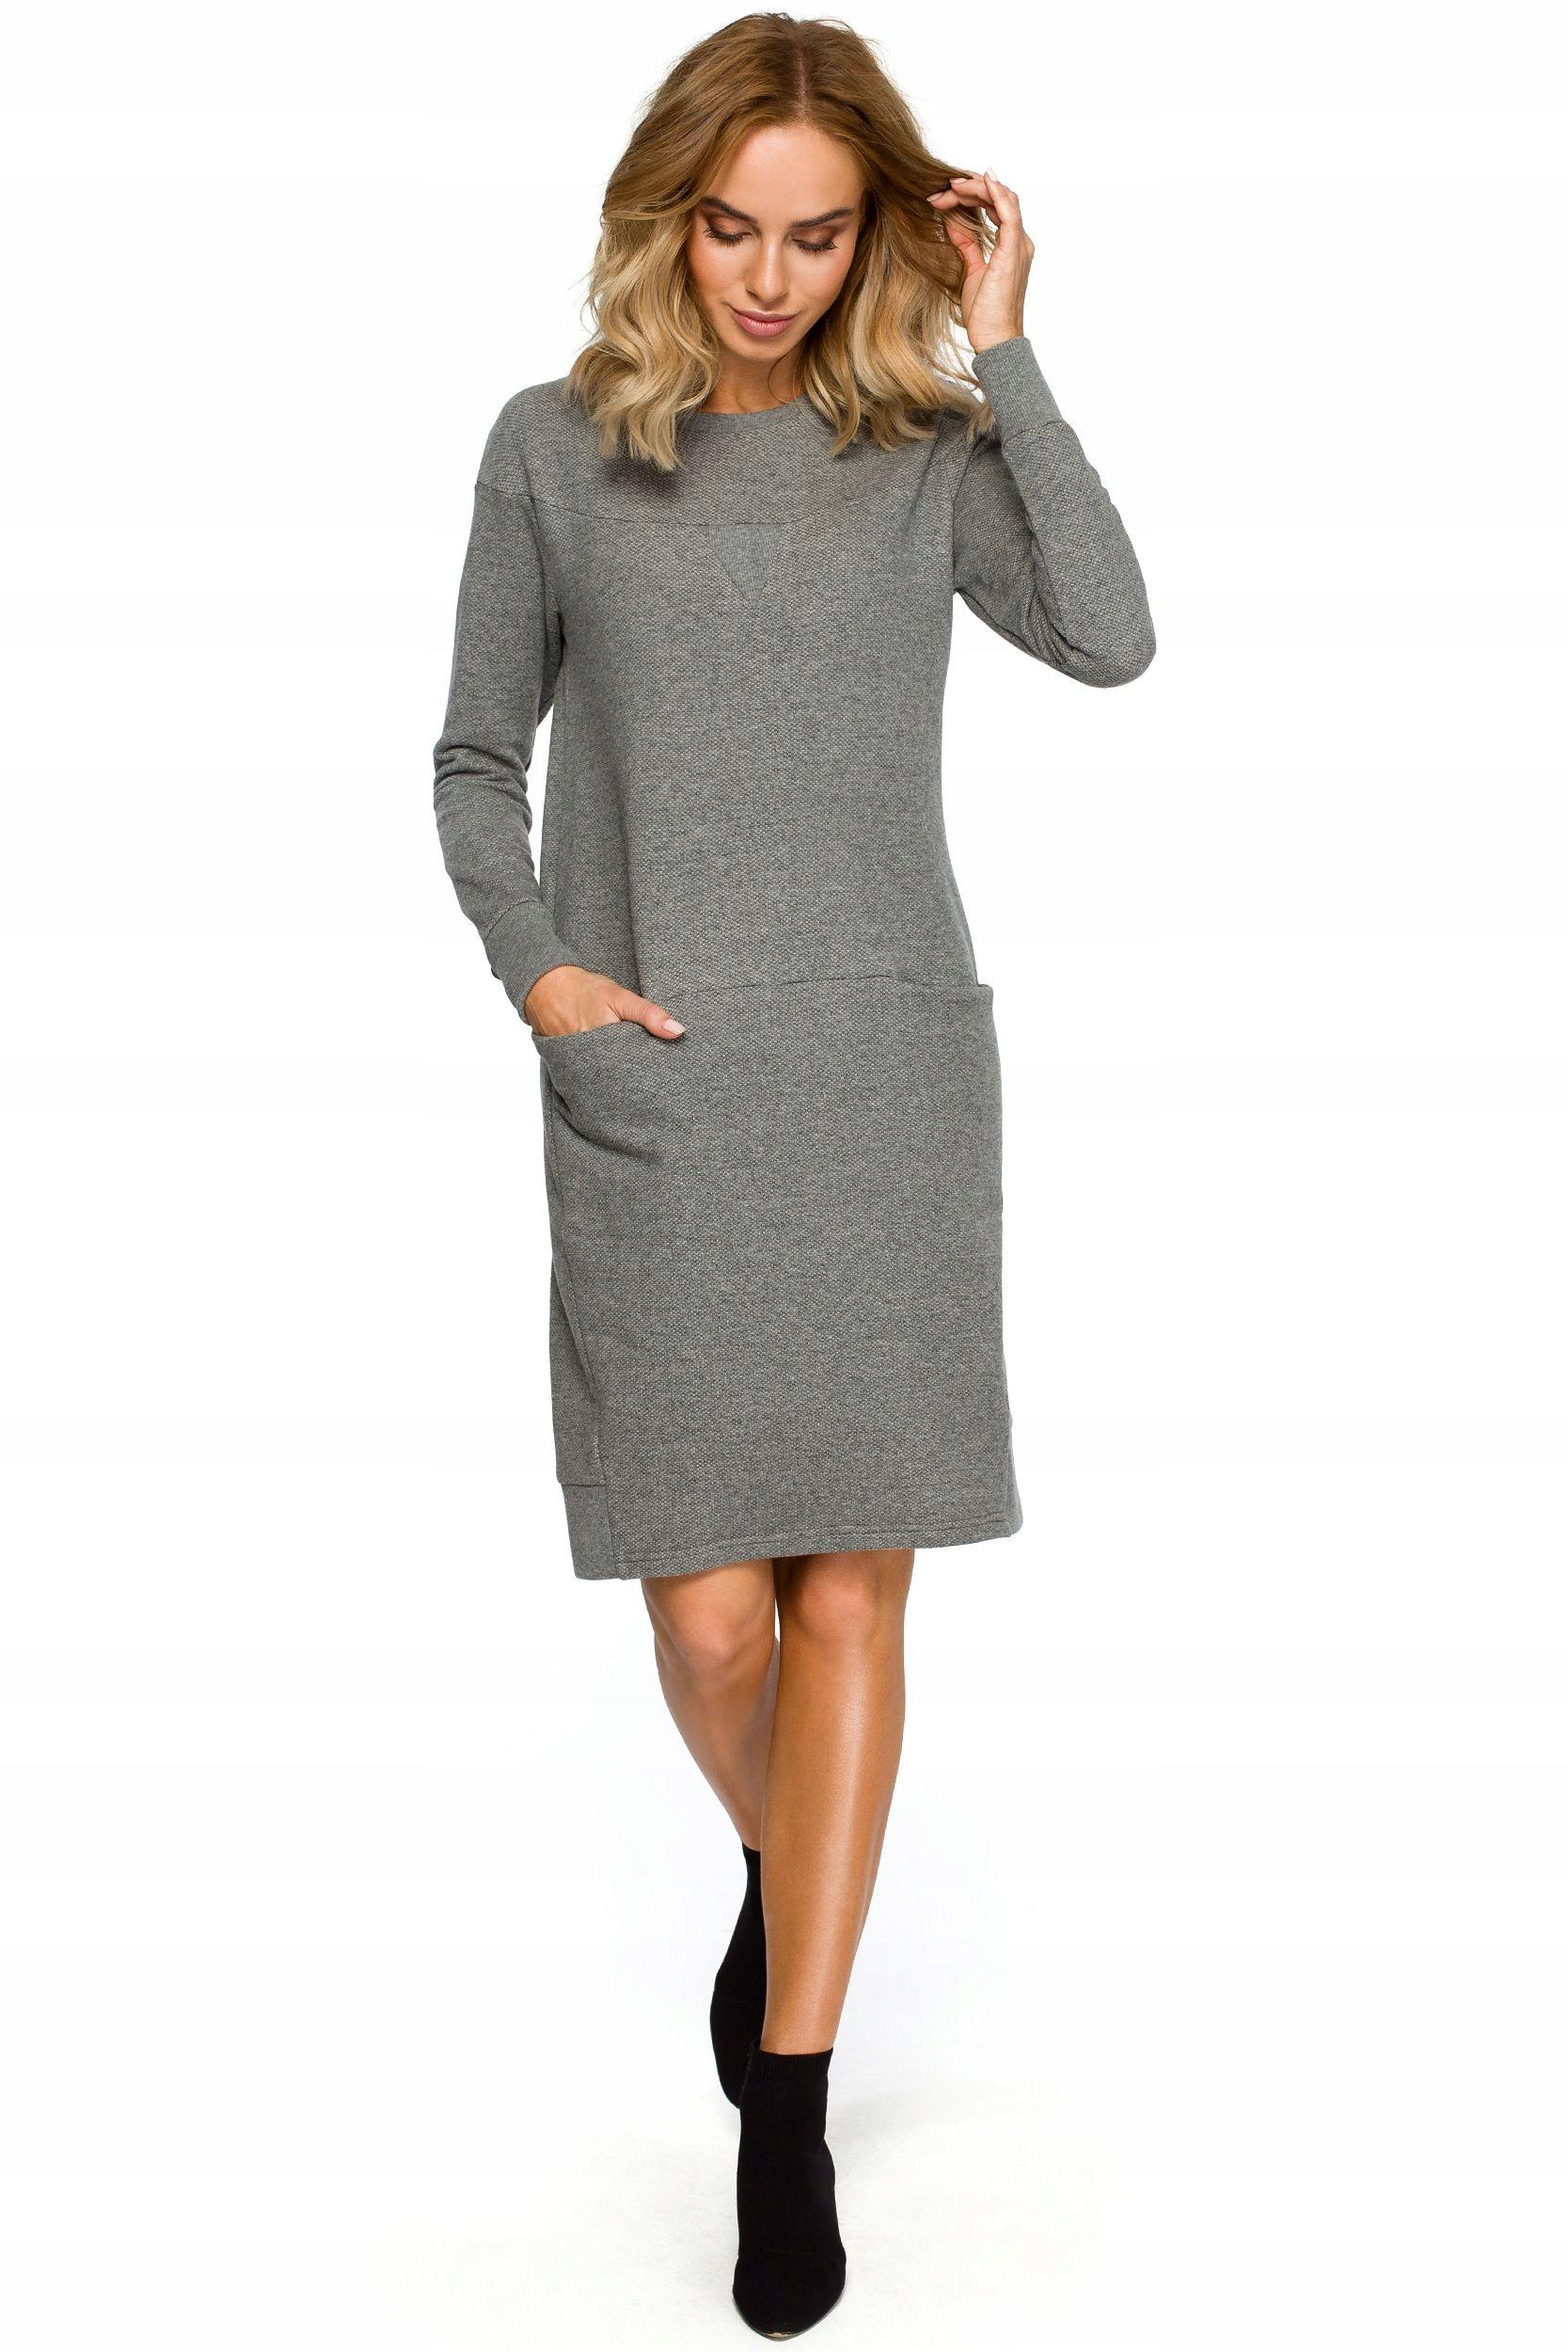 1be5ed086c M404 Dzianinowa sukienka z karczkiem - szara 38